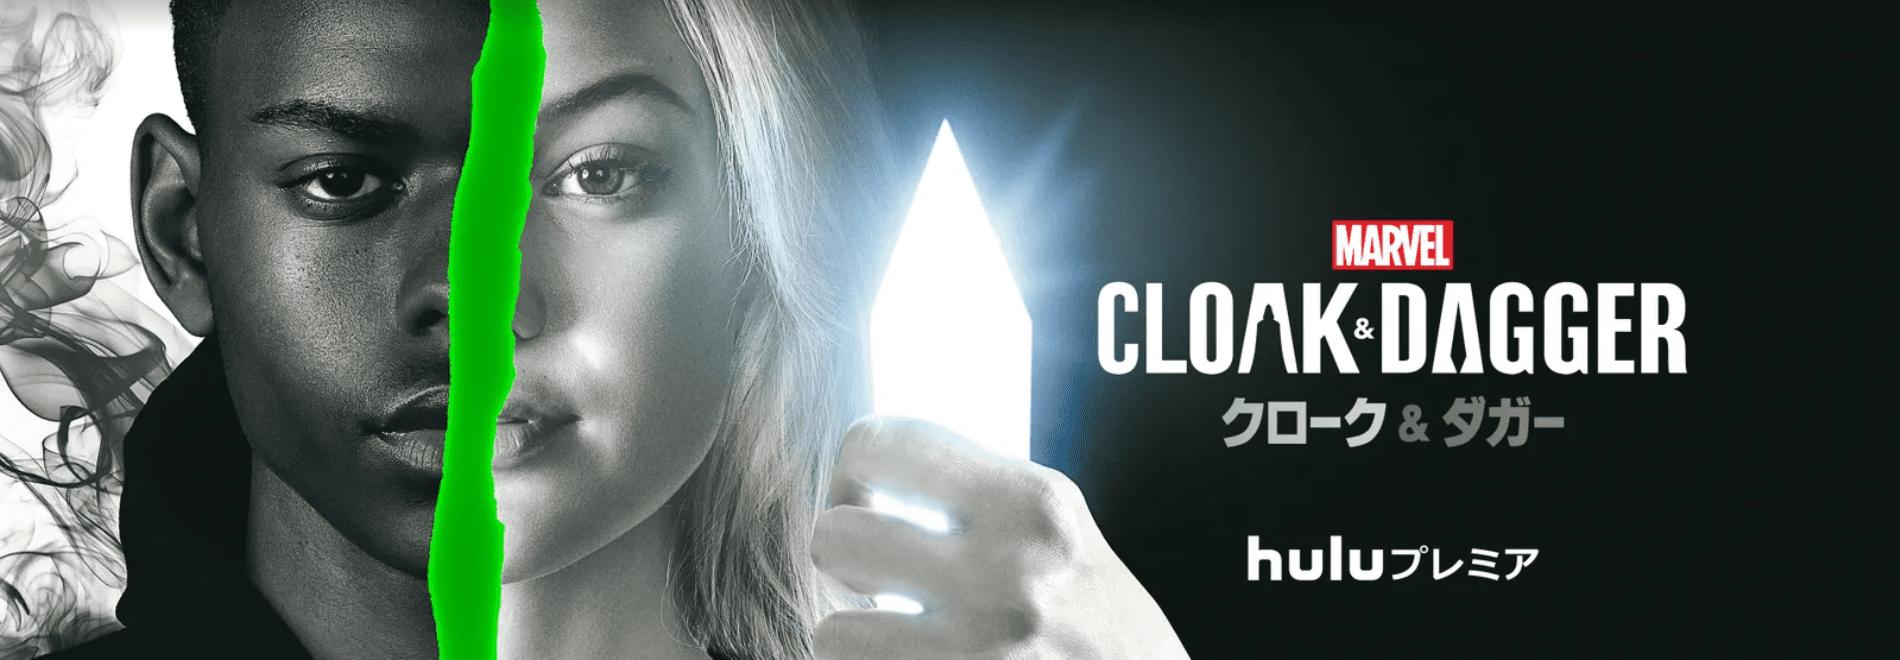 【Huluおすすめオリジナルドラマ】Huluでしか見れないオリジナルドラマは見応え十分!おすすめのフールーオリジナルドラマ作品まとめ|独占配信作品もご紹介!|Huluプレミア